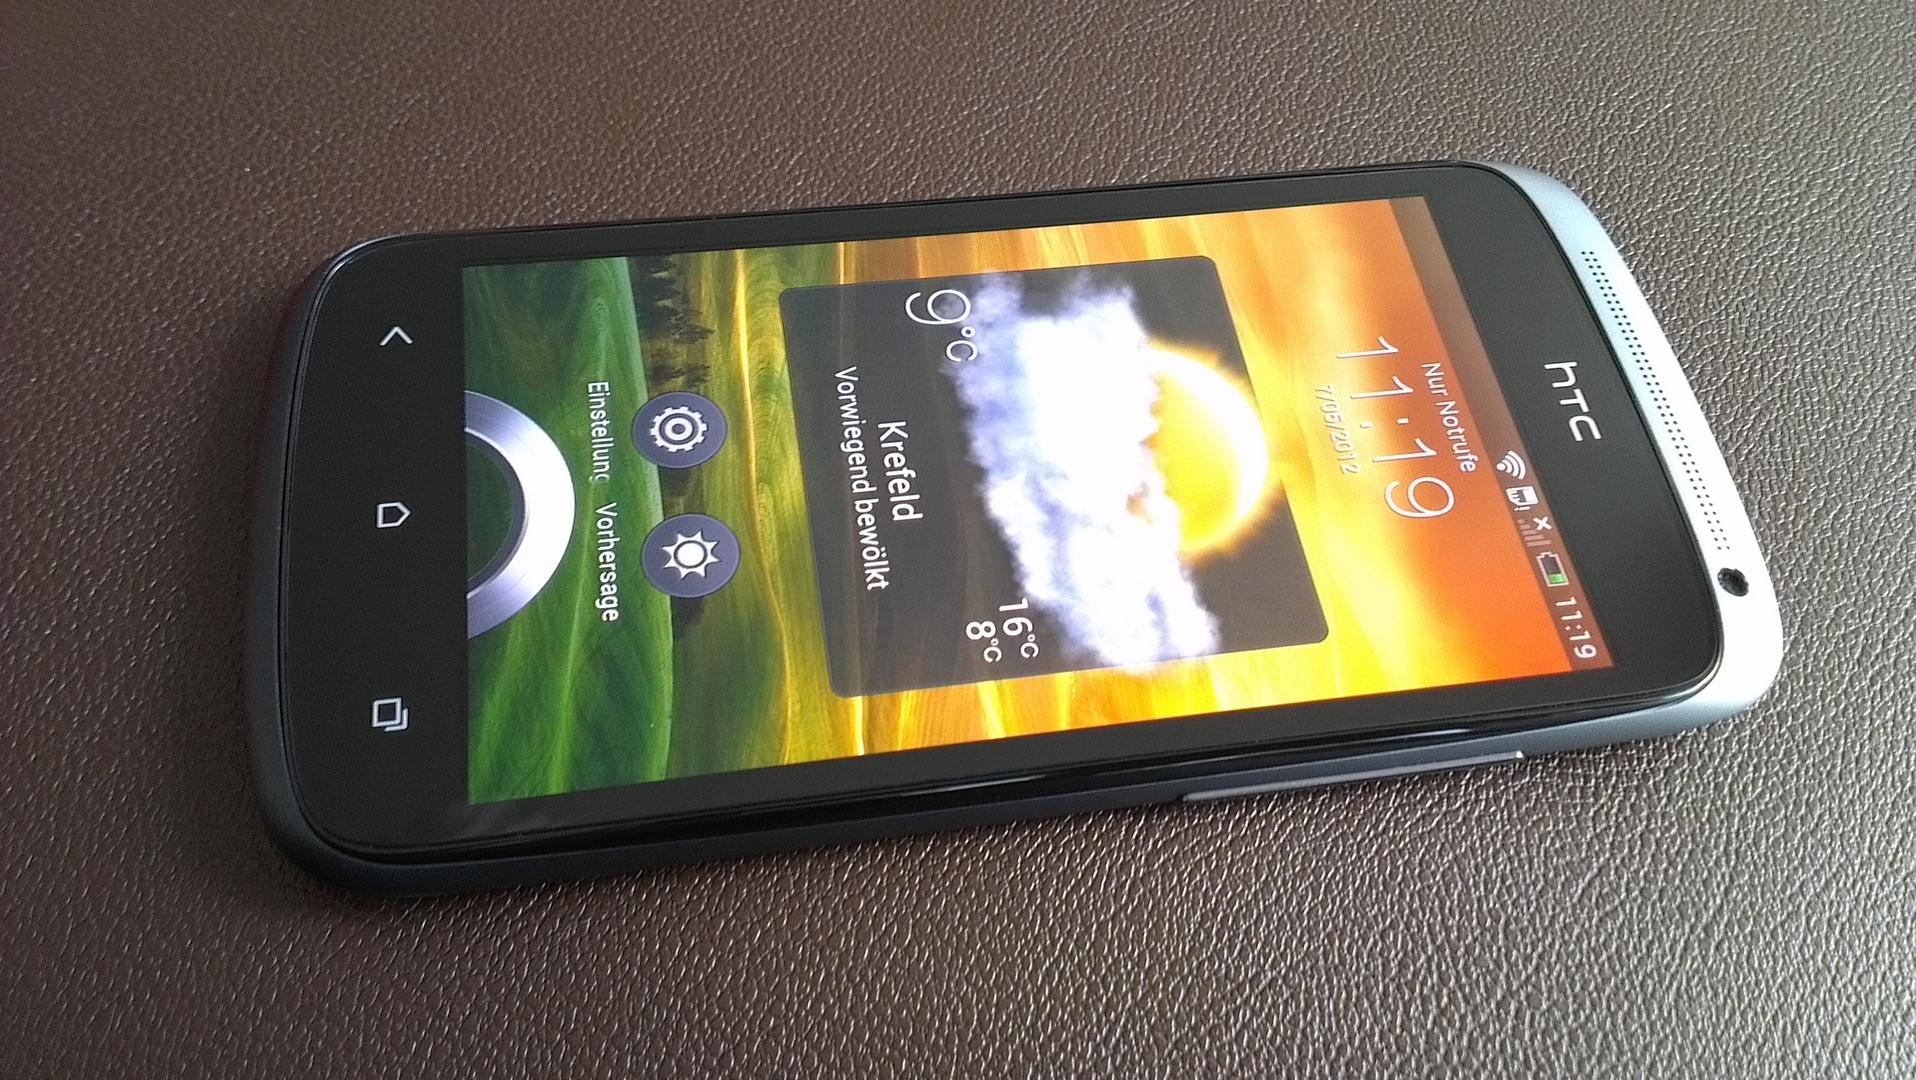 Vorsicht  HTC One S in Zukunft mit leistungsschw  cherer Hardware